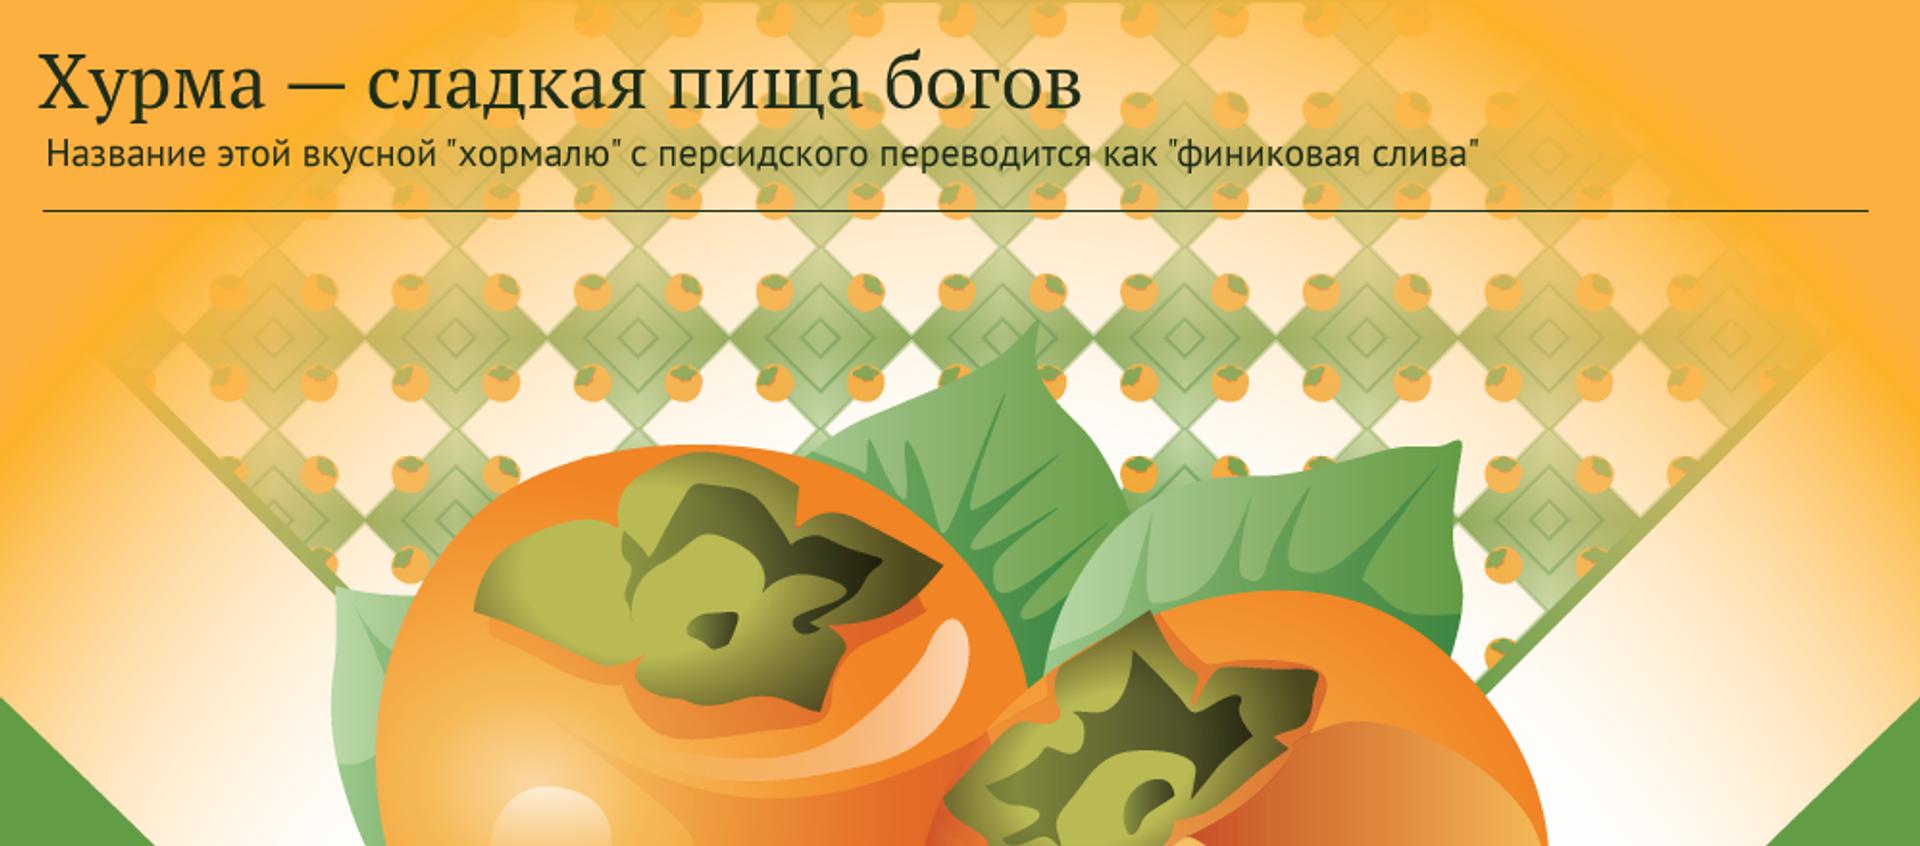 Хурма — сладкая пища богов - Sputnik Узбекистан, 1920, 11.11.2016